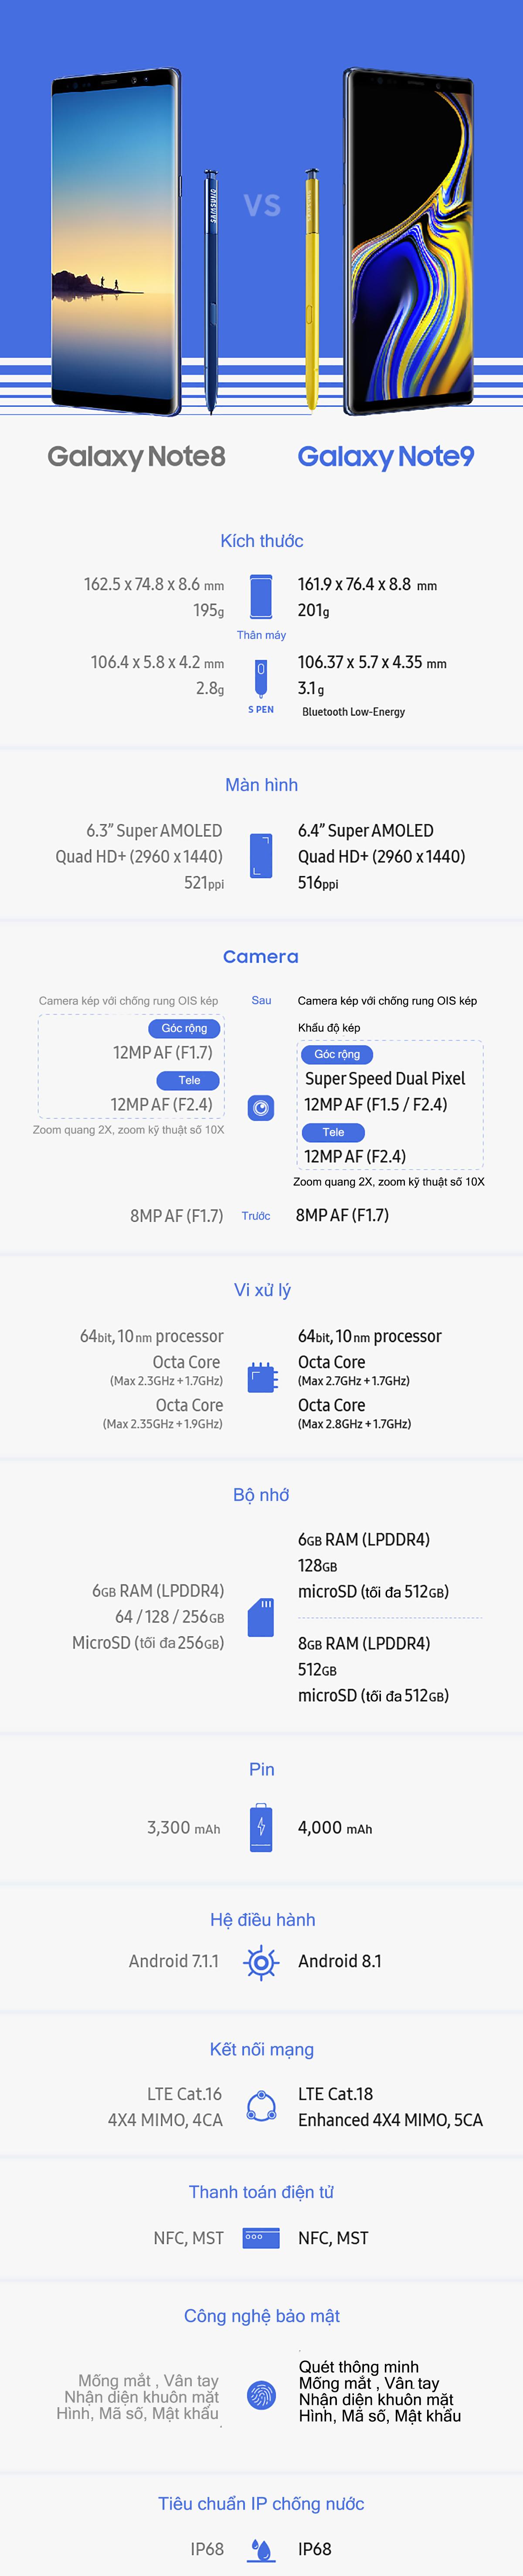 So sánh Galaxy Note9 và Galaxy Note8